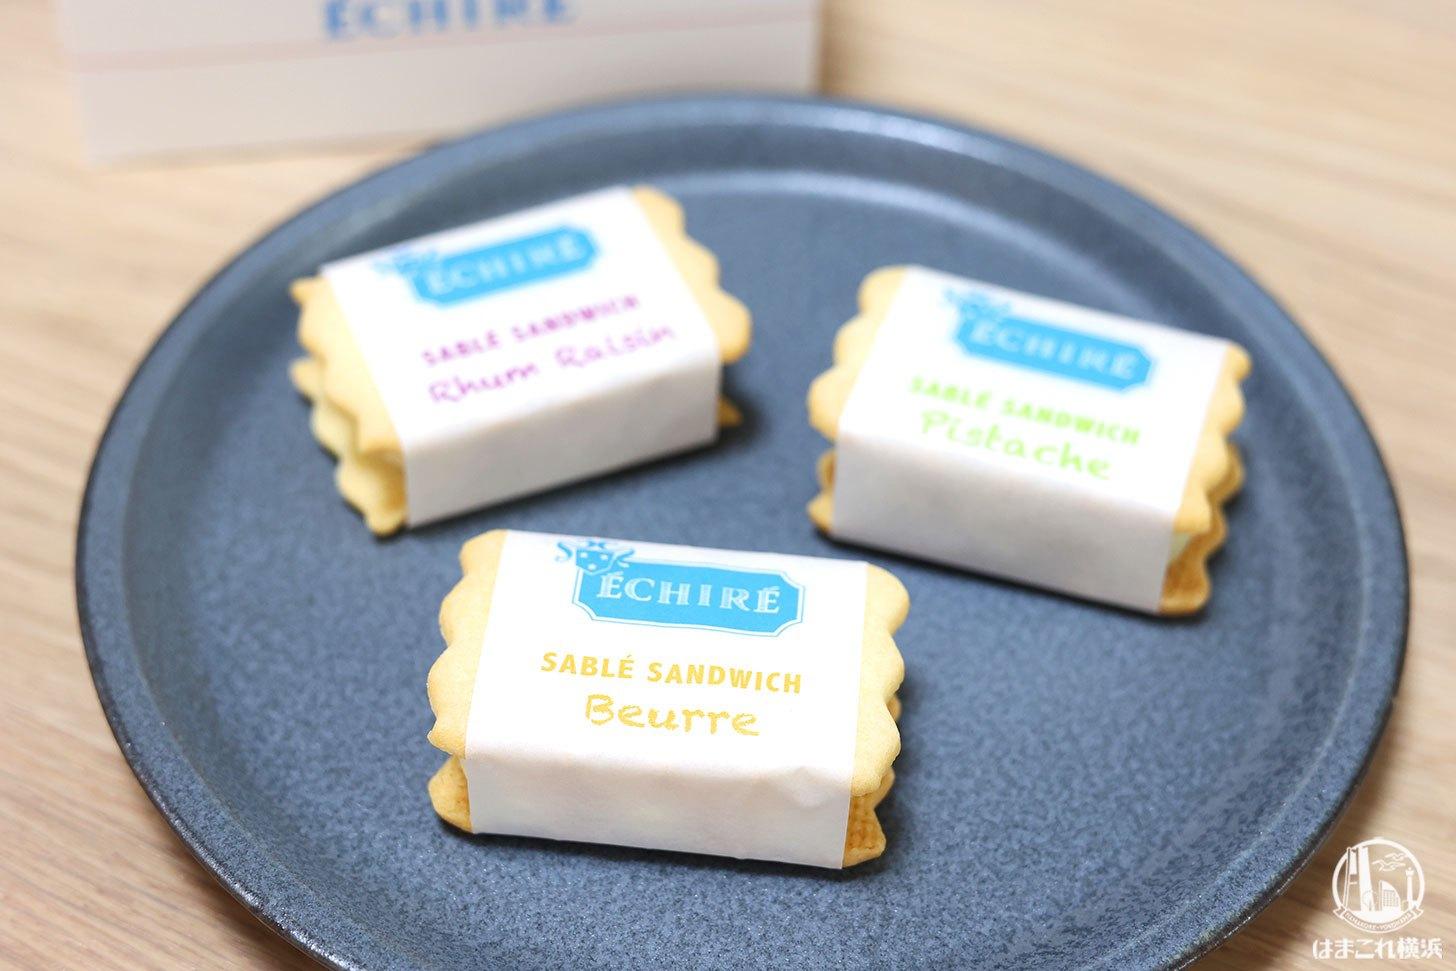 エシレのサブレサンドは口溶け濃厚バタークリーム魅力的!横浜高島屋で3種食べ比べ